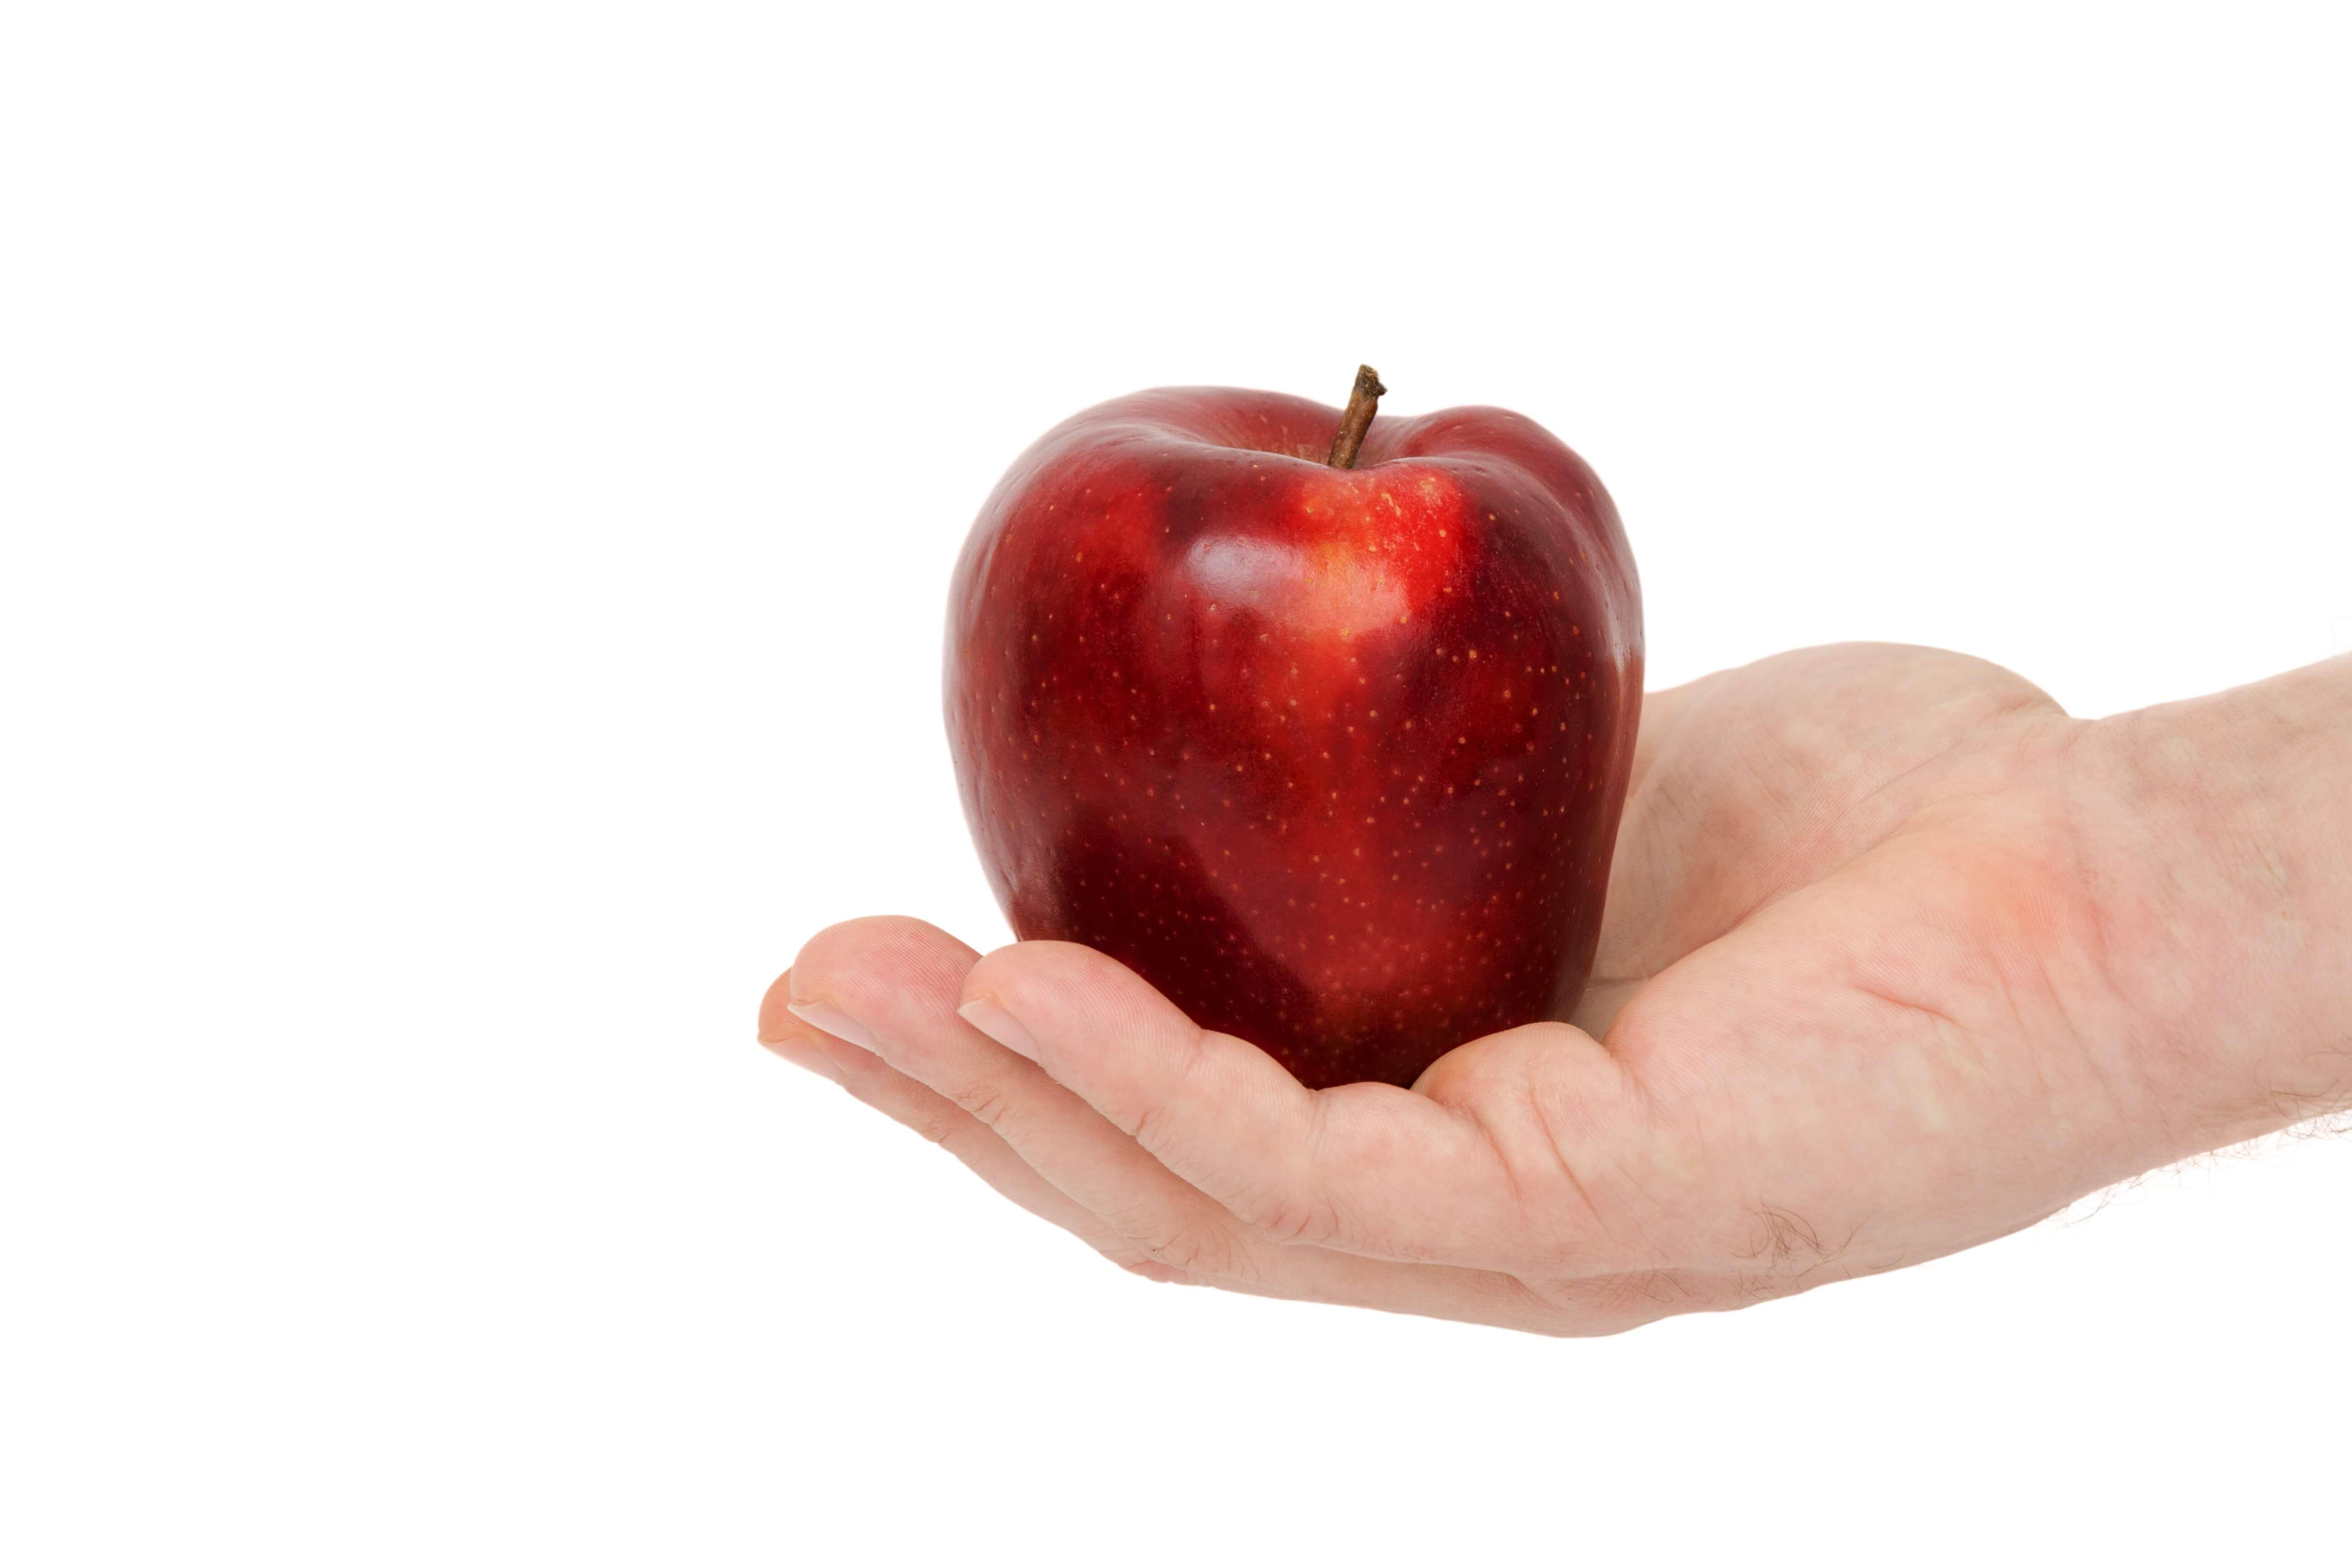 手に持ったリンゴ